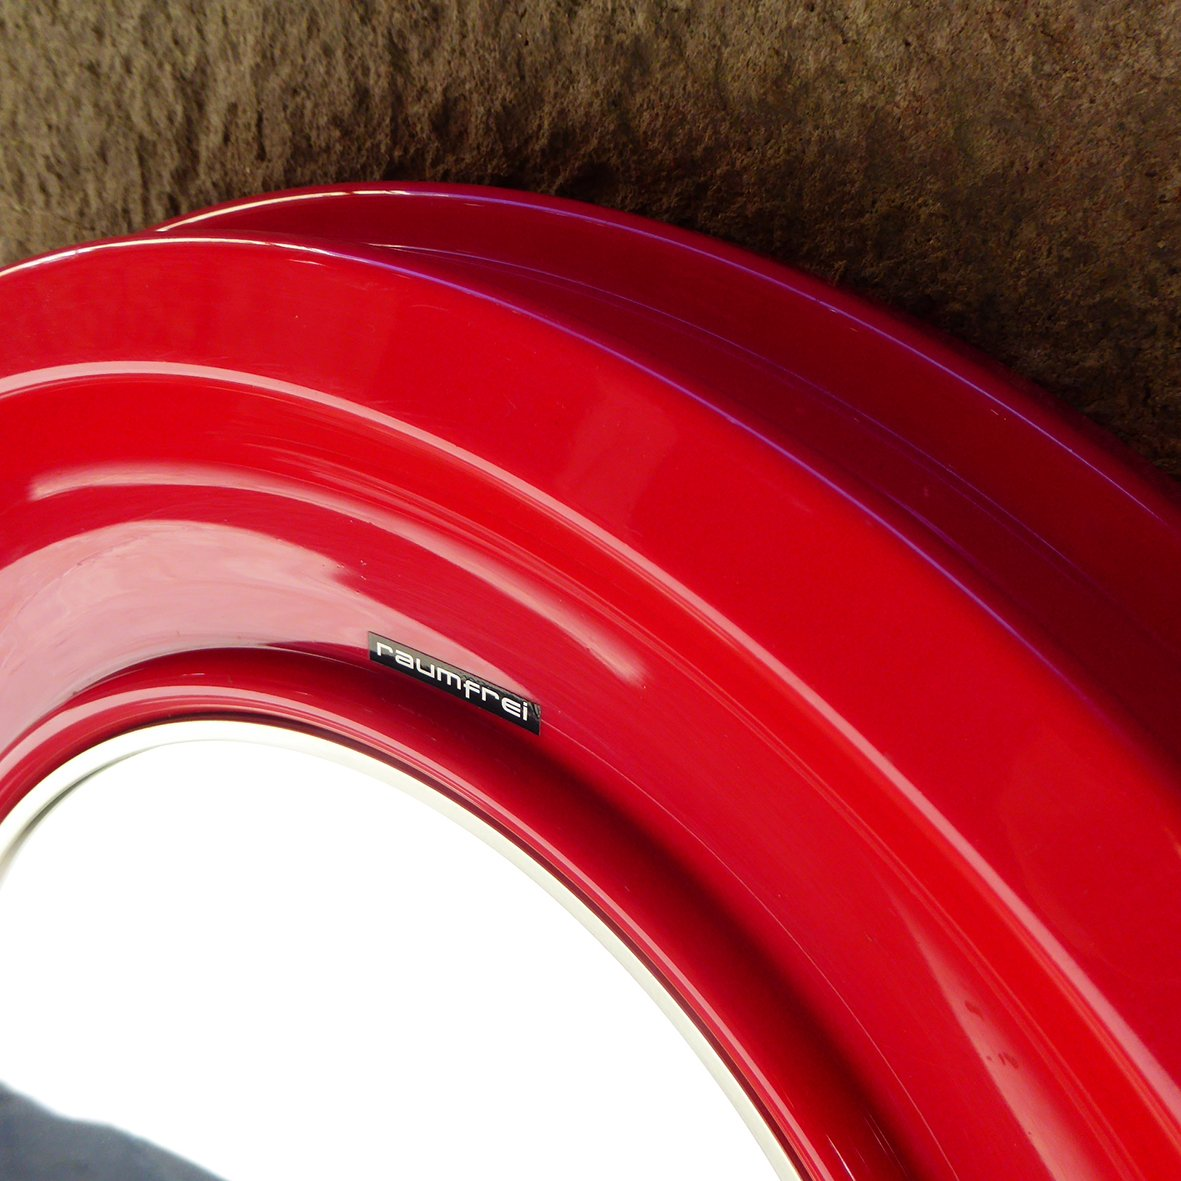 runder italienischer spiegel mit rotem rahmen von raumfrei 1960er bei pamono kaufen. Black Bedroom Furniture Sets. Home Design Ideas